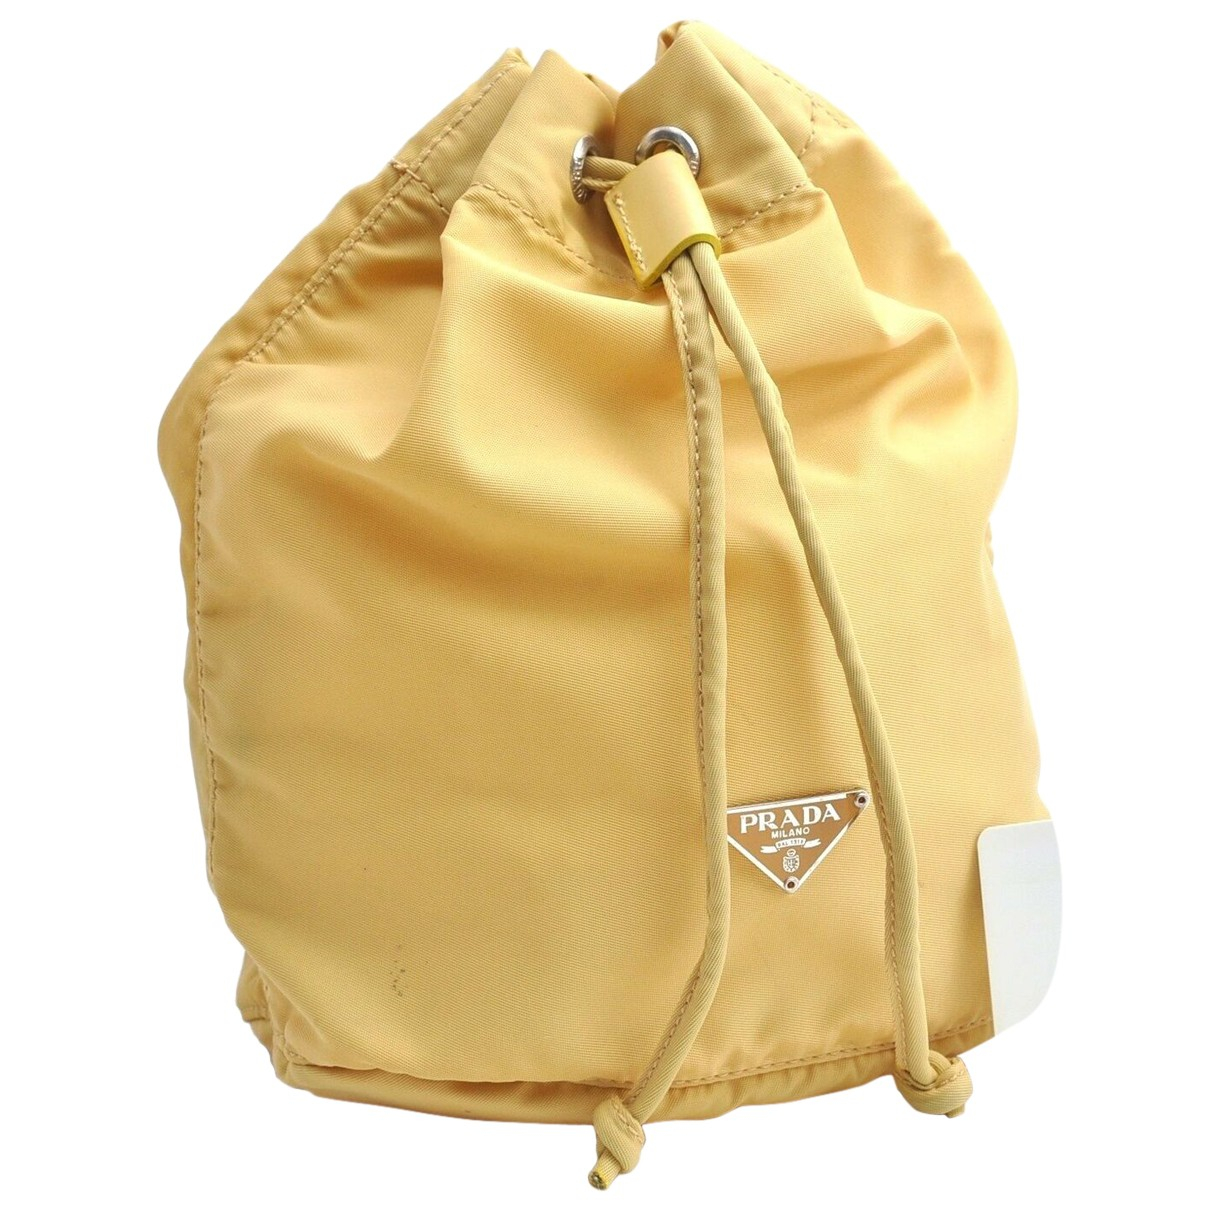 Bolsos clutch en Plastico Amarillo Prada